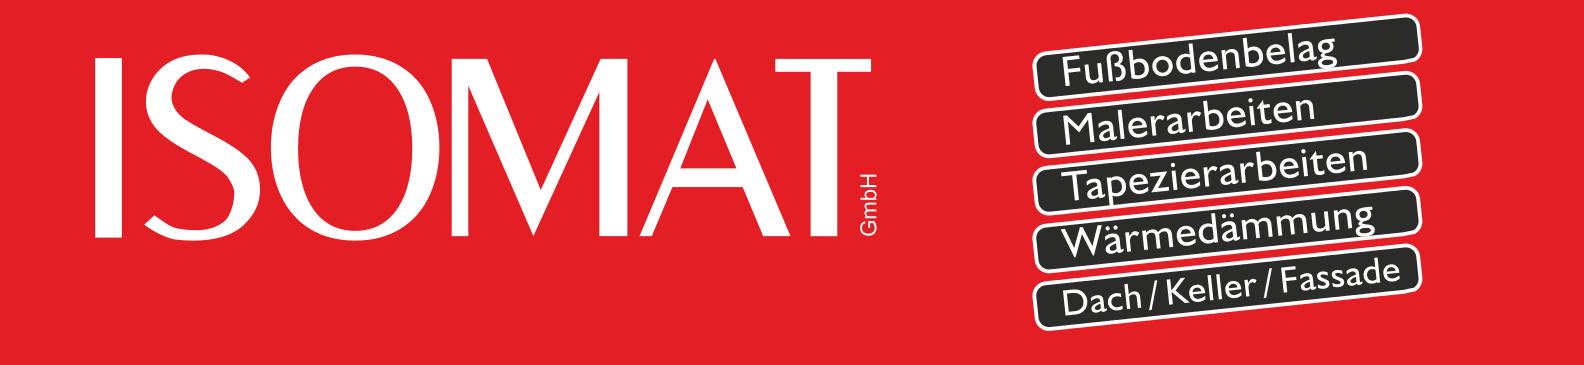 Isomat GmbH